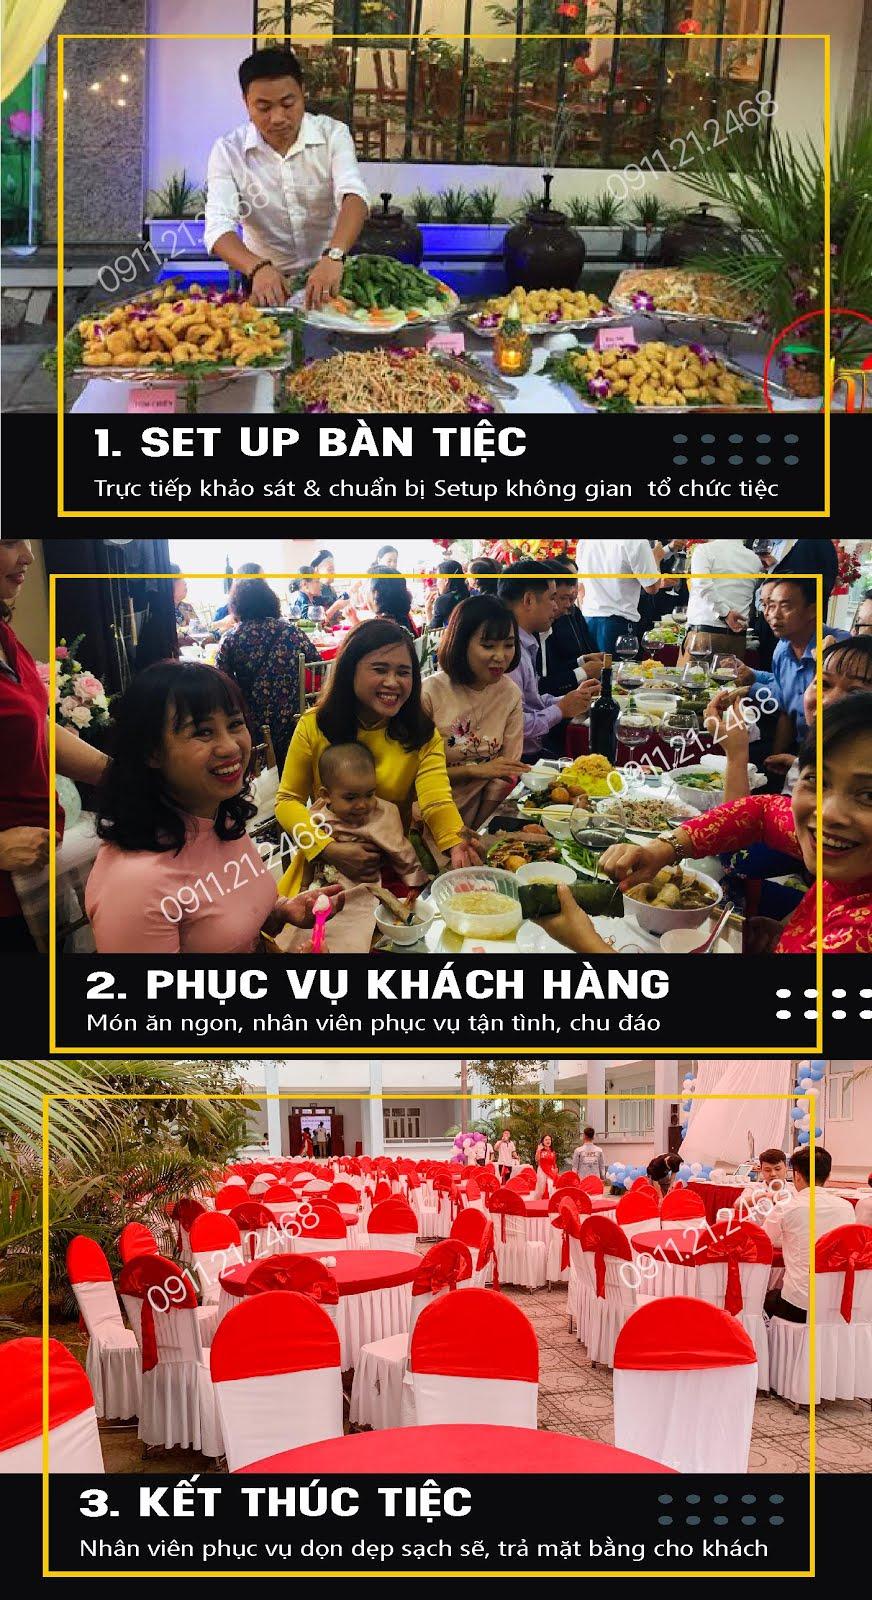 Dịch Vụ Hưng Thịnh Catering